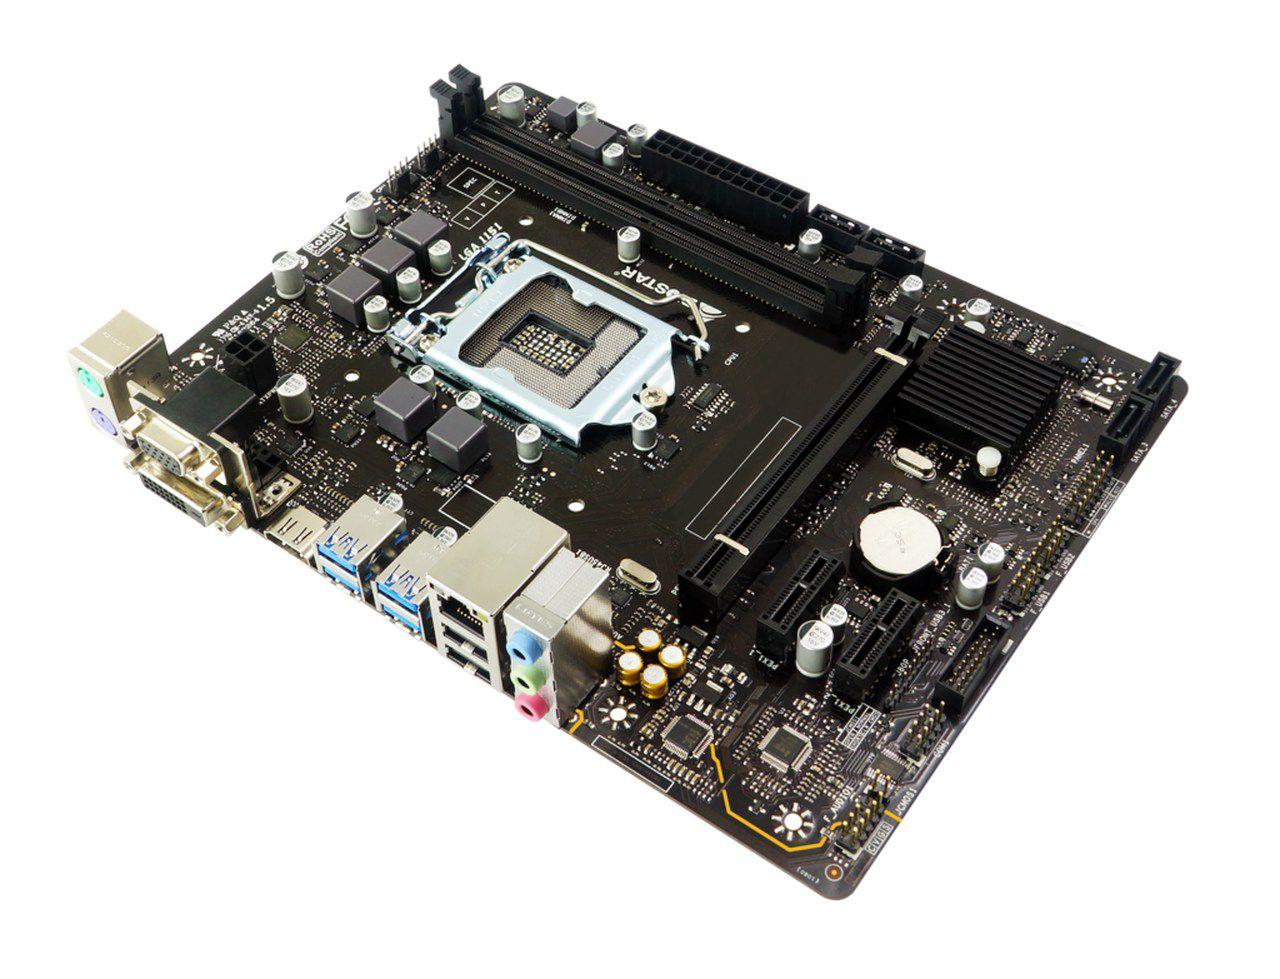 Placa mãe Biostar B360MHD PRO, B360, Intel LGA 1151, Matx, DDR4